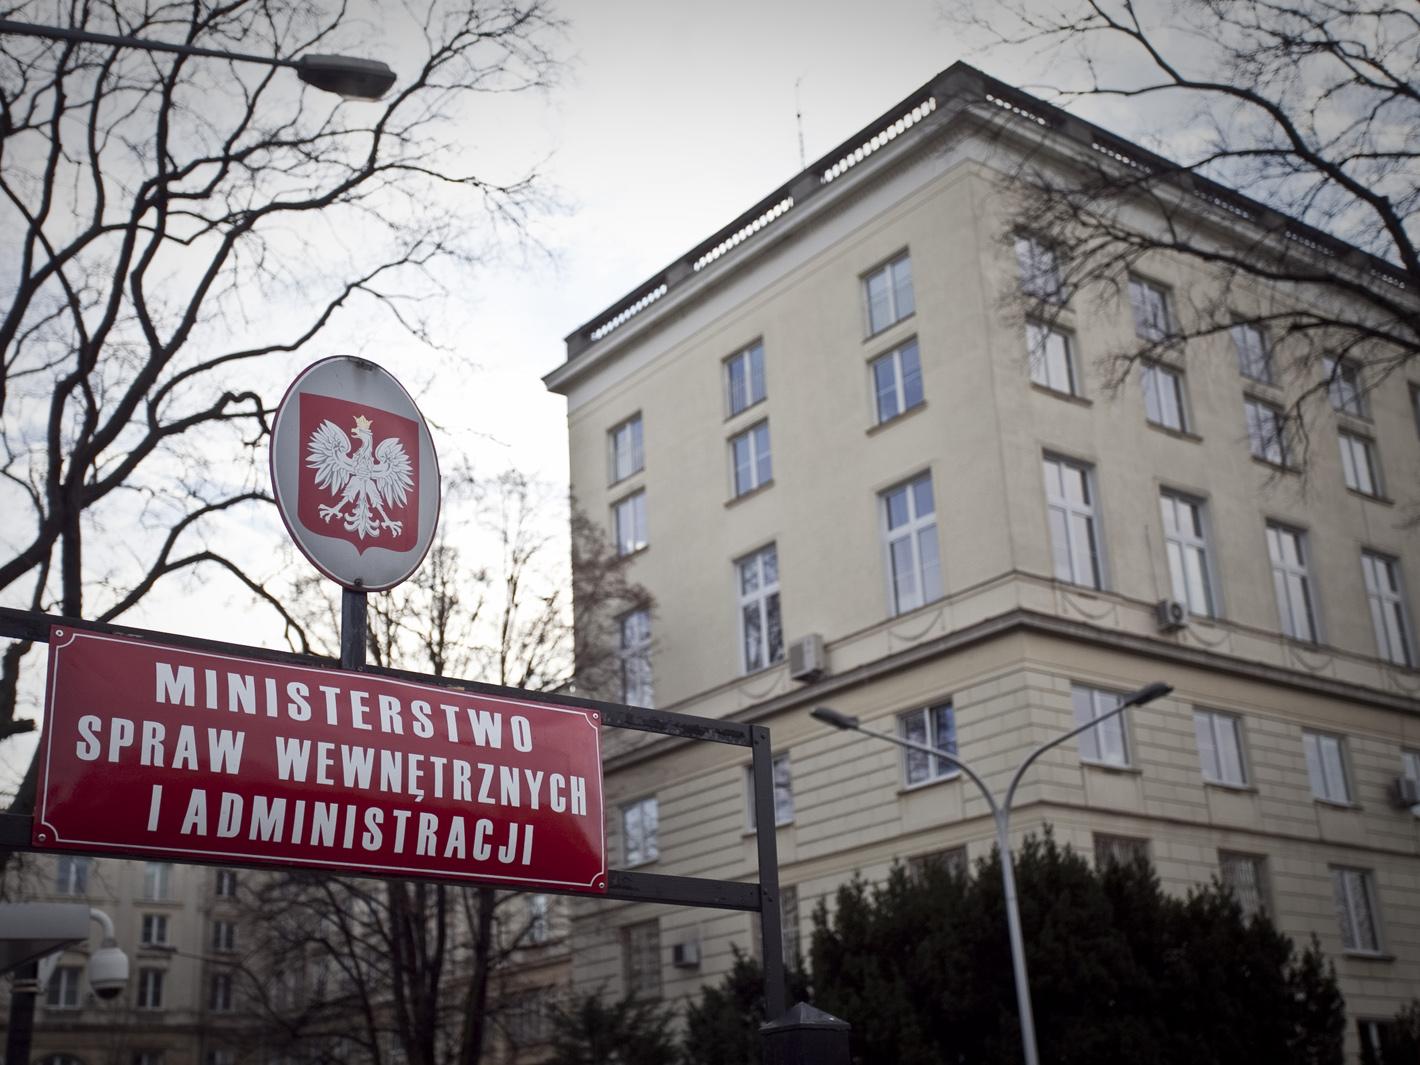 Minister Spraw Wewnętrznych i Administracji w odpowiedzi na żądania FZZ SM proponuje spotkanie